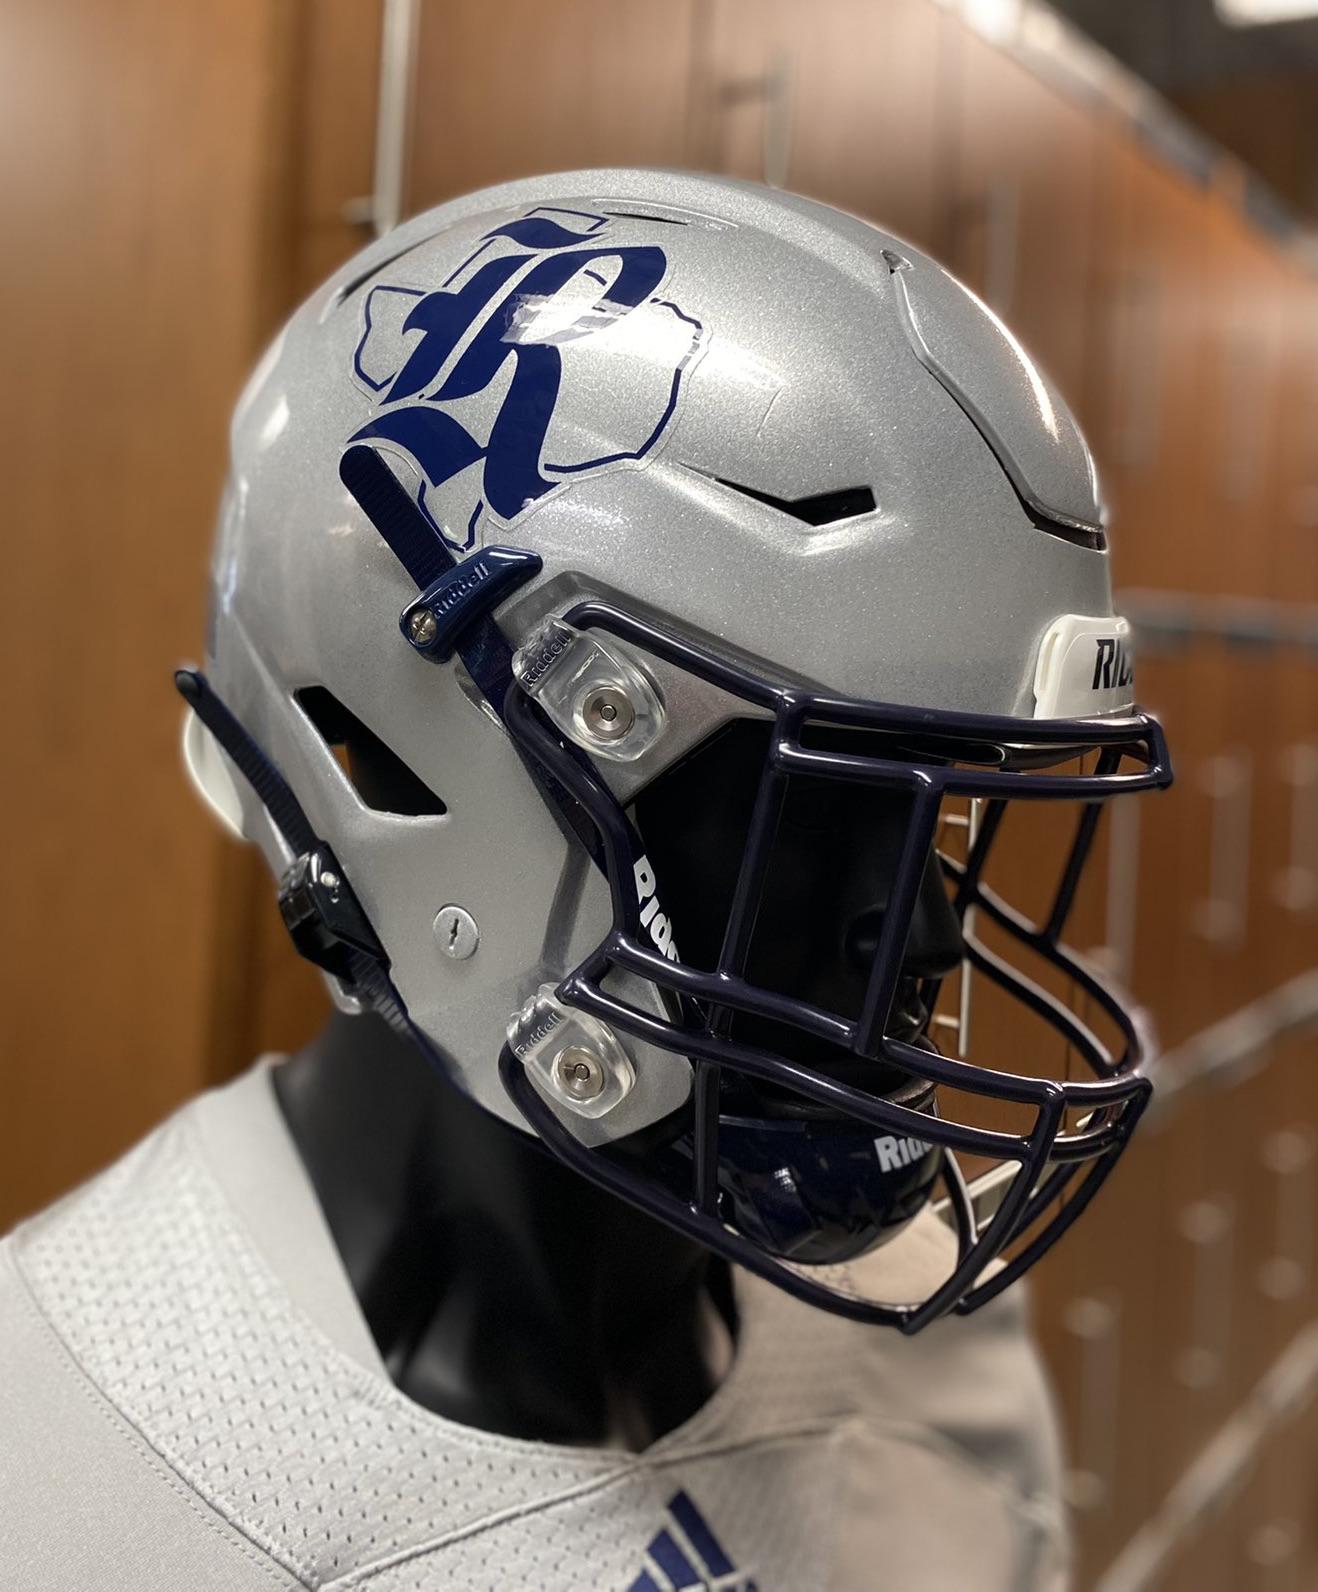 rice university's new silver football helmet for 2021